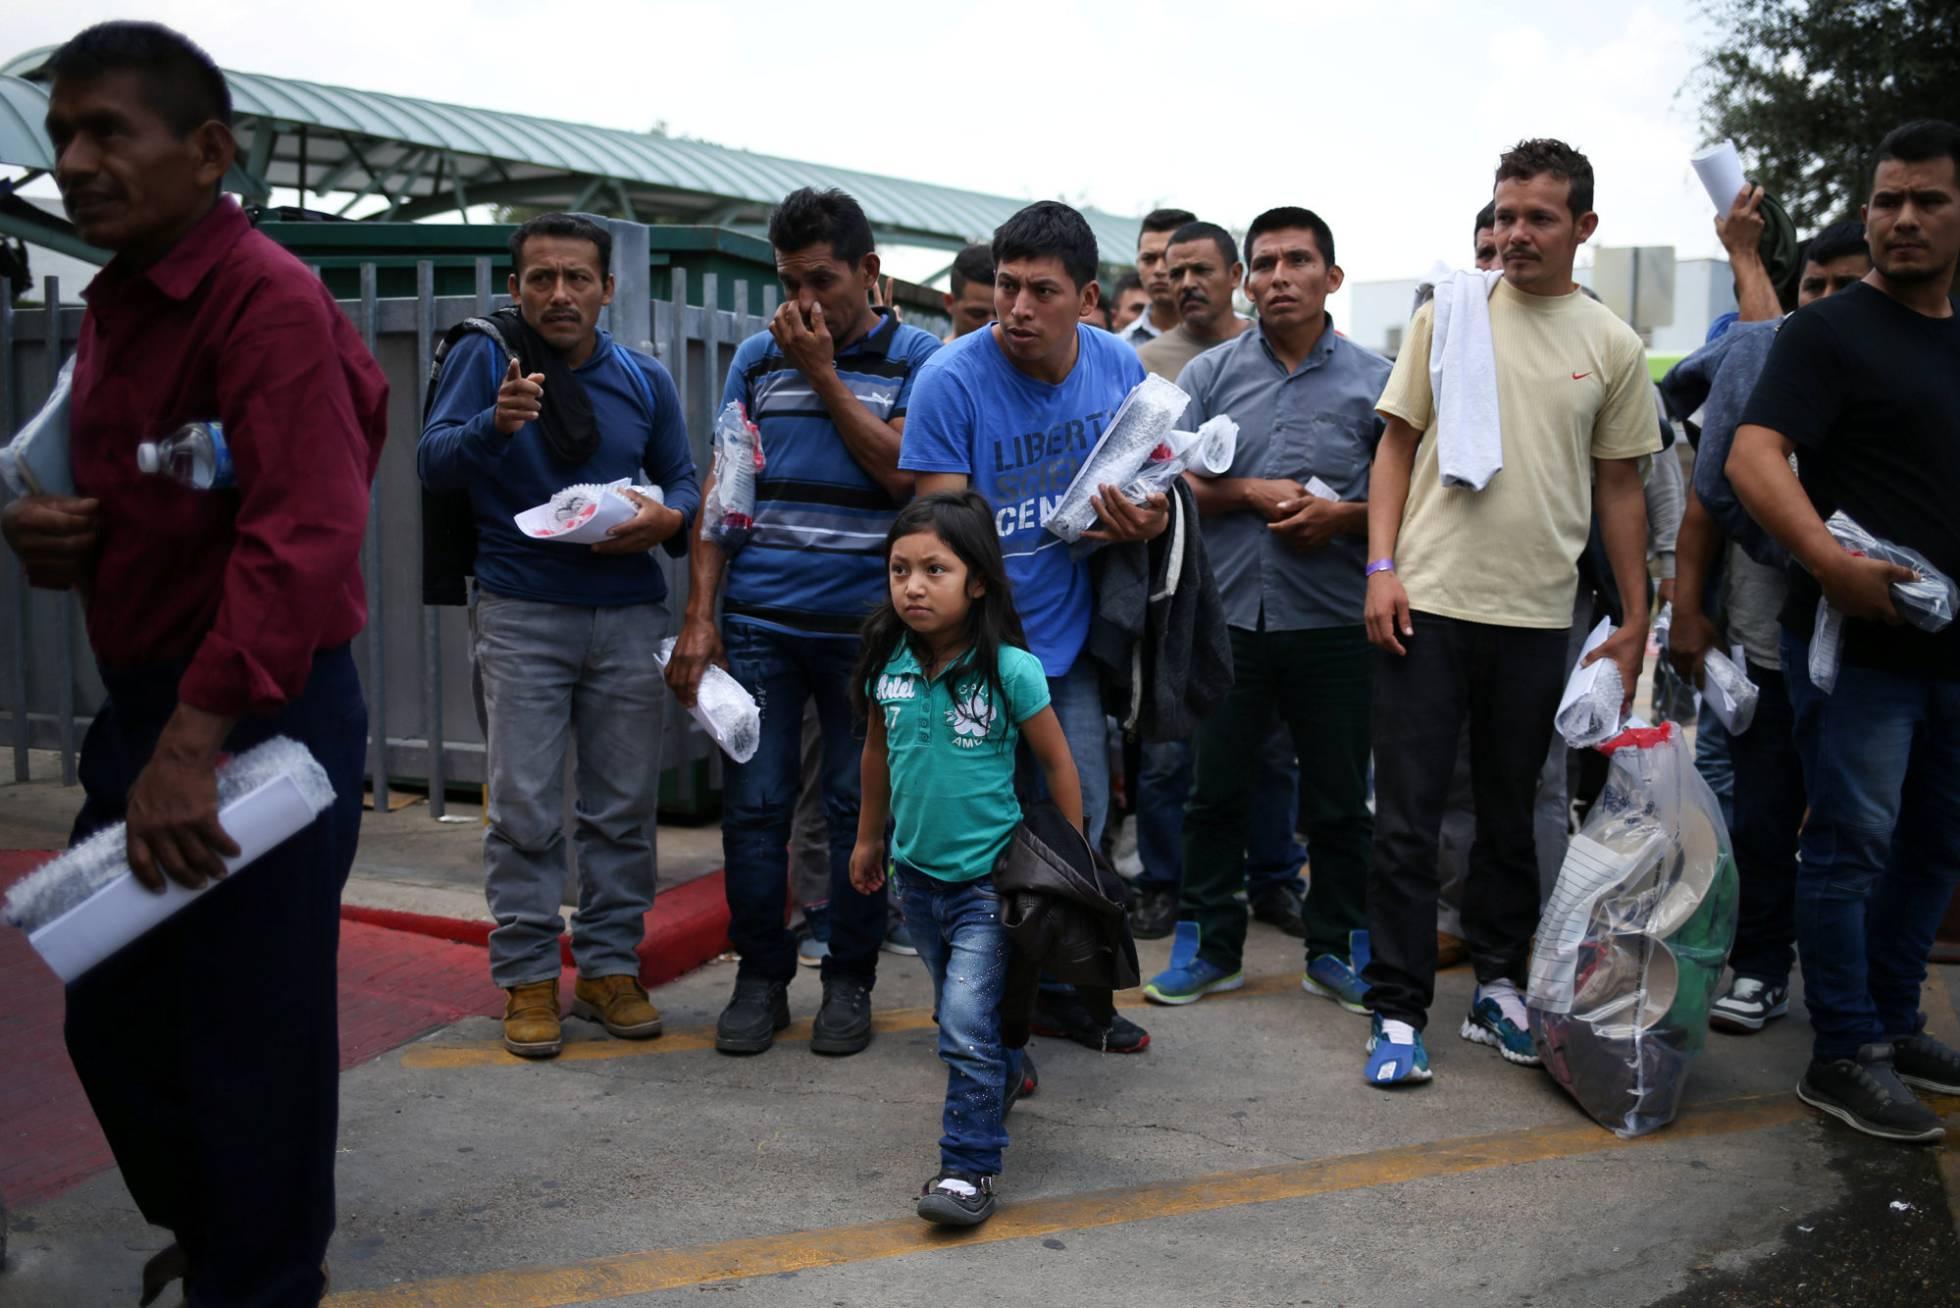 EE UU cambiará la ley para mantener detenidas a las familias inmigrantes